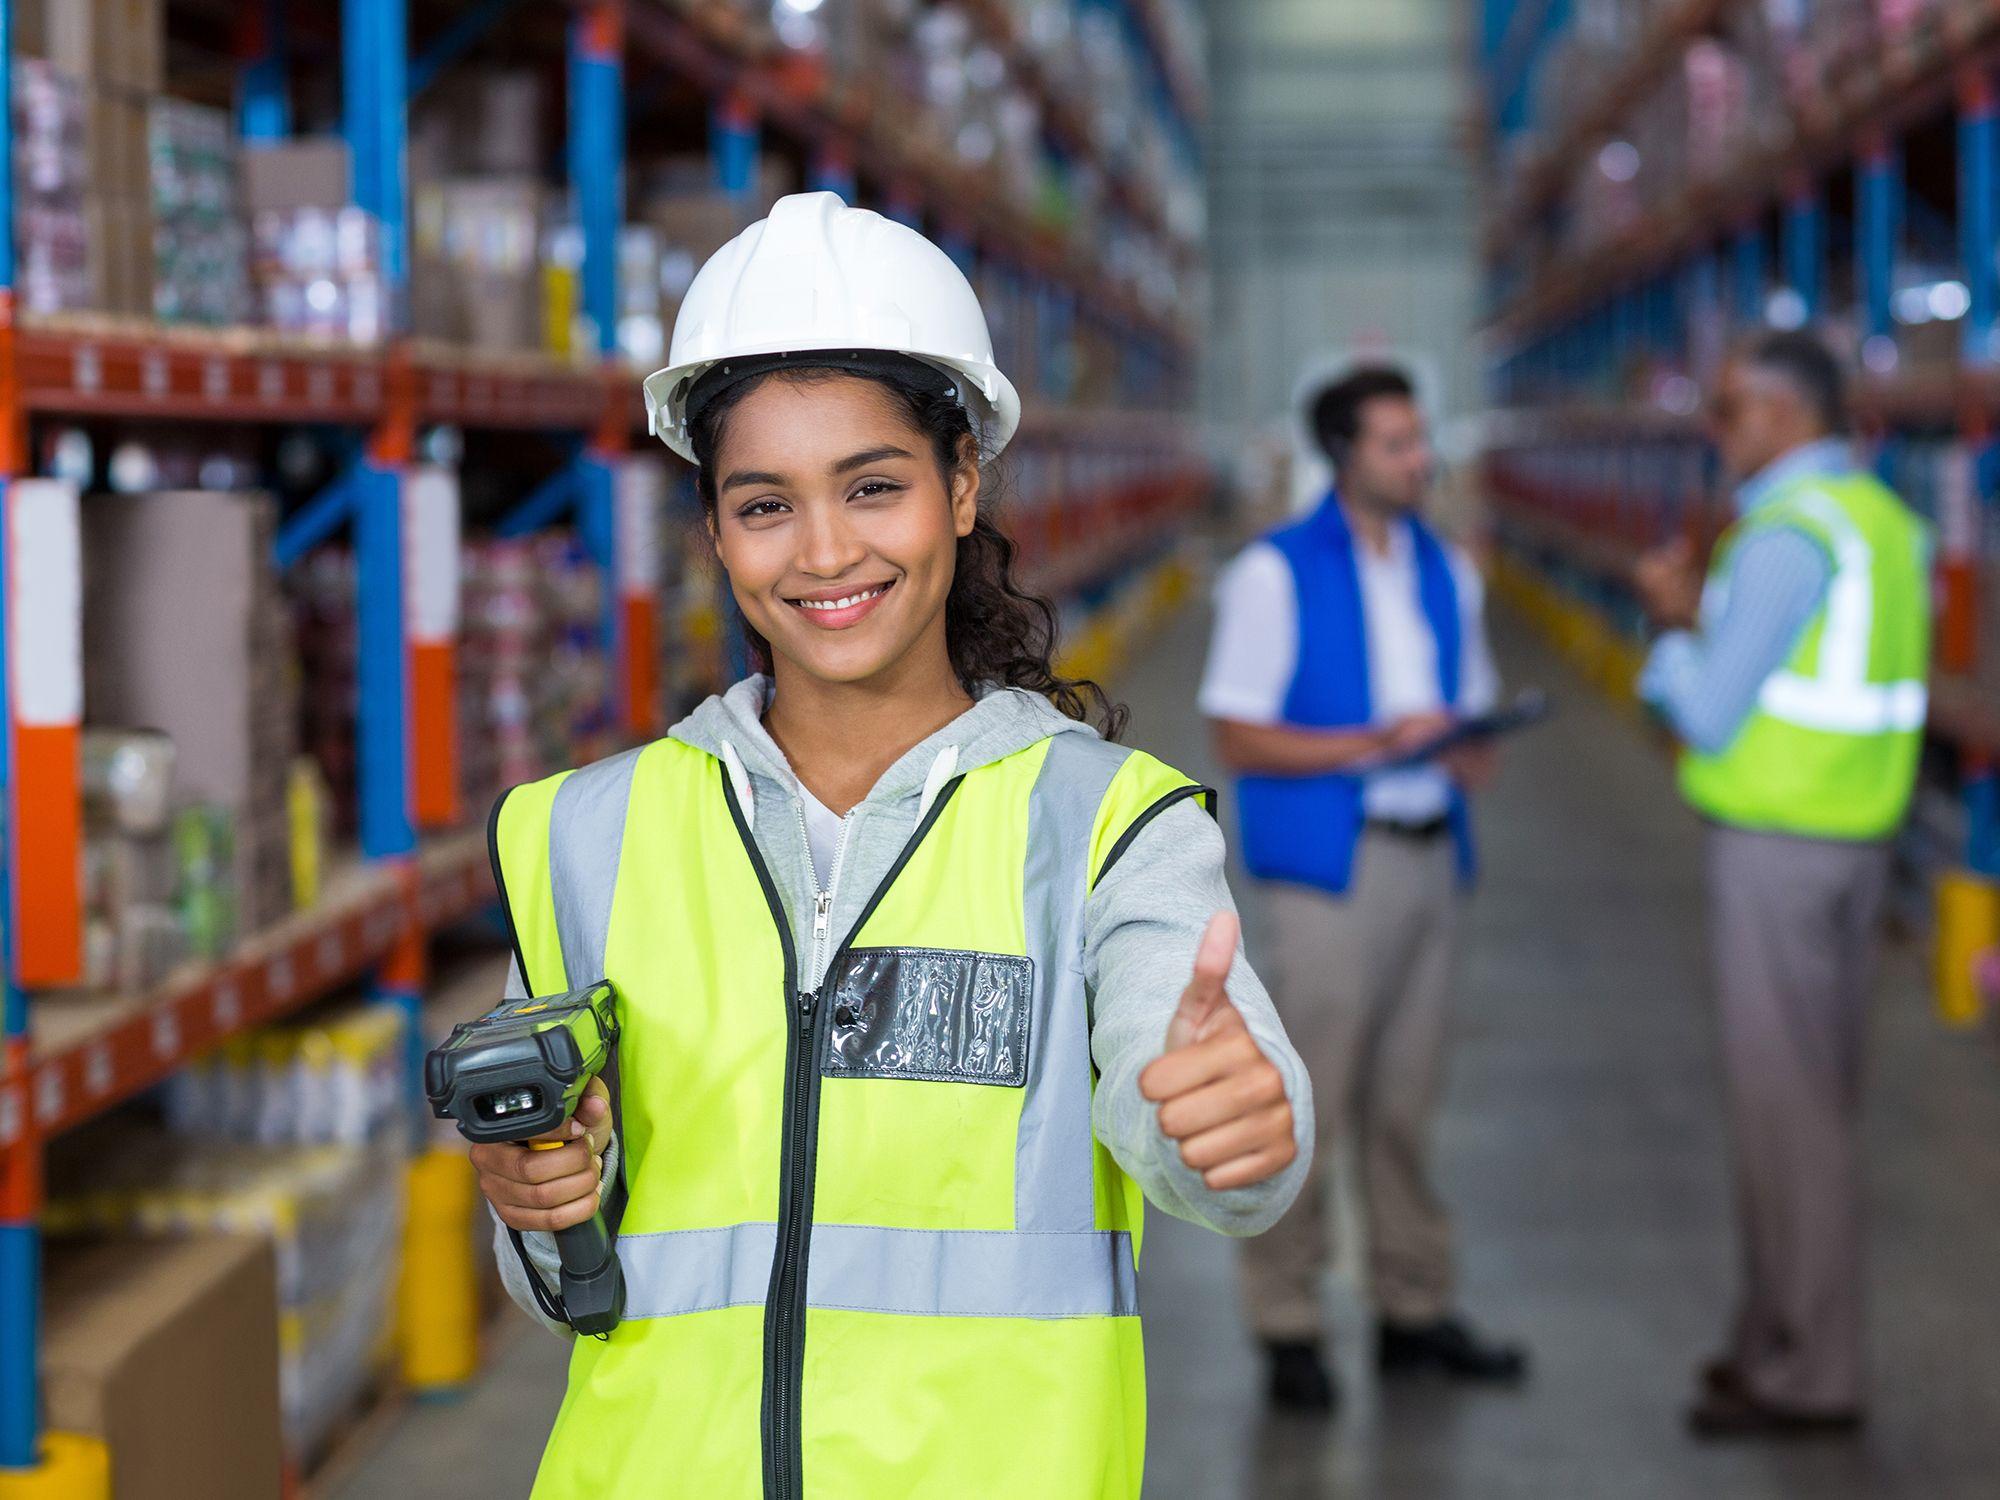 Level 1 - Lagerhelfer, Lageraushilfen, Aushilfen, Helfer, Elektrohelfer, Fachhelfer, Hilfsarbeiter, Inventurhelfer, Kommissionierer, Lagerarbeiter, Lagerfacharbeiter, Lagerhilfen, Lageristen, Lagermitarbeiter, Maschinenbediener, Produktionshelfer, Produktionsmitarbeiter, Schlosserhelfer, Verpacker, Versandmitarbeiter, Leiharbeiter, Zeitarbeiter, Leiharbeitnehmer, Leihkraft, Temporärarbeiter für Lager, Spedition, Logistik, Logistikzentrum, Ladung, Luftfracht, Transportunternehmen, Speditionsversand, Lagerlogistik, Fuhrunternehmen, Materialfluss, Distributionslogistik, Fracht, Sperrgut, Transport, Expressdienst, Transportdienst, Warentransport, Speditionsfirmen, Speditionsunternehmen, Transportwesen, Seefracht, Lagerhallen und Lagerarbeit bei uns als Personalagentur, Zeitarbeitsfirma, Zeitarbeitsunternehmen, Personal-Service-Agentur, Personaldienstleistungsagentur und Leiharbeitsfirma per Arbeitnehmer-Leasing, Arbeitnehmerüberlassung, Arbeitskräfte-Leasing, Arbeitskräfteüberlassung, Arbeitskraftüberlassung, Leiharbeit, Mitarbeiter-Leasing, Mitarbeiterleasing, Mitarbeiterüberlassung, Personaldienstleistung, Personalleasing, Personalüberlassung, Temporärarbeit, Zeitarbeit buchen, mieten, leihen oder langfristig neue Mitarbeiter für Jobs wie Lagerjobs, Lager Jobs, Schülerjobs, Ferienjobs, Aushilfsjobs, Studentenjobs, Werkstudentenjobs, Saisonjobs, Vollzeit Jobs, Teilzeit Jobs, Nebenjobs, Temporär Jobs, Gelegenheitsjobs per Personalvermittlung suchen, finden und vermittelt bekommen.